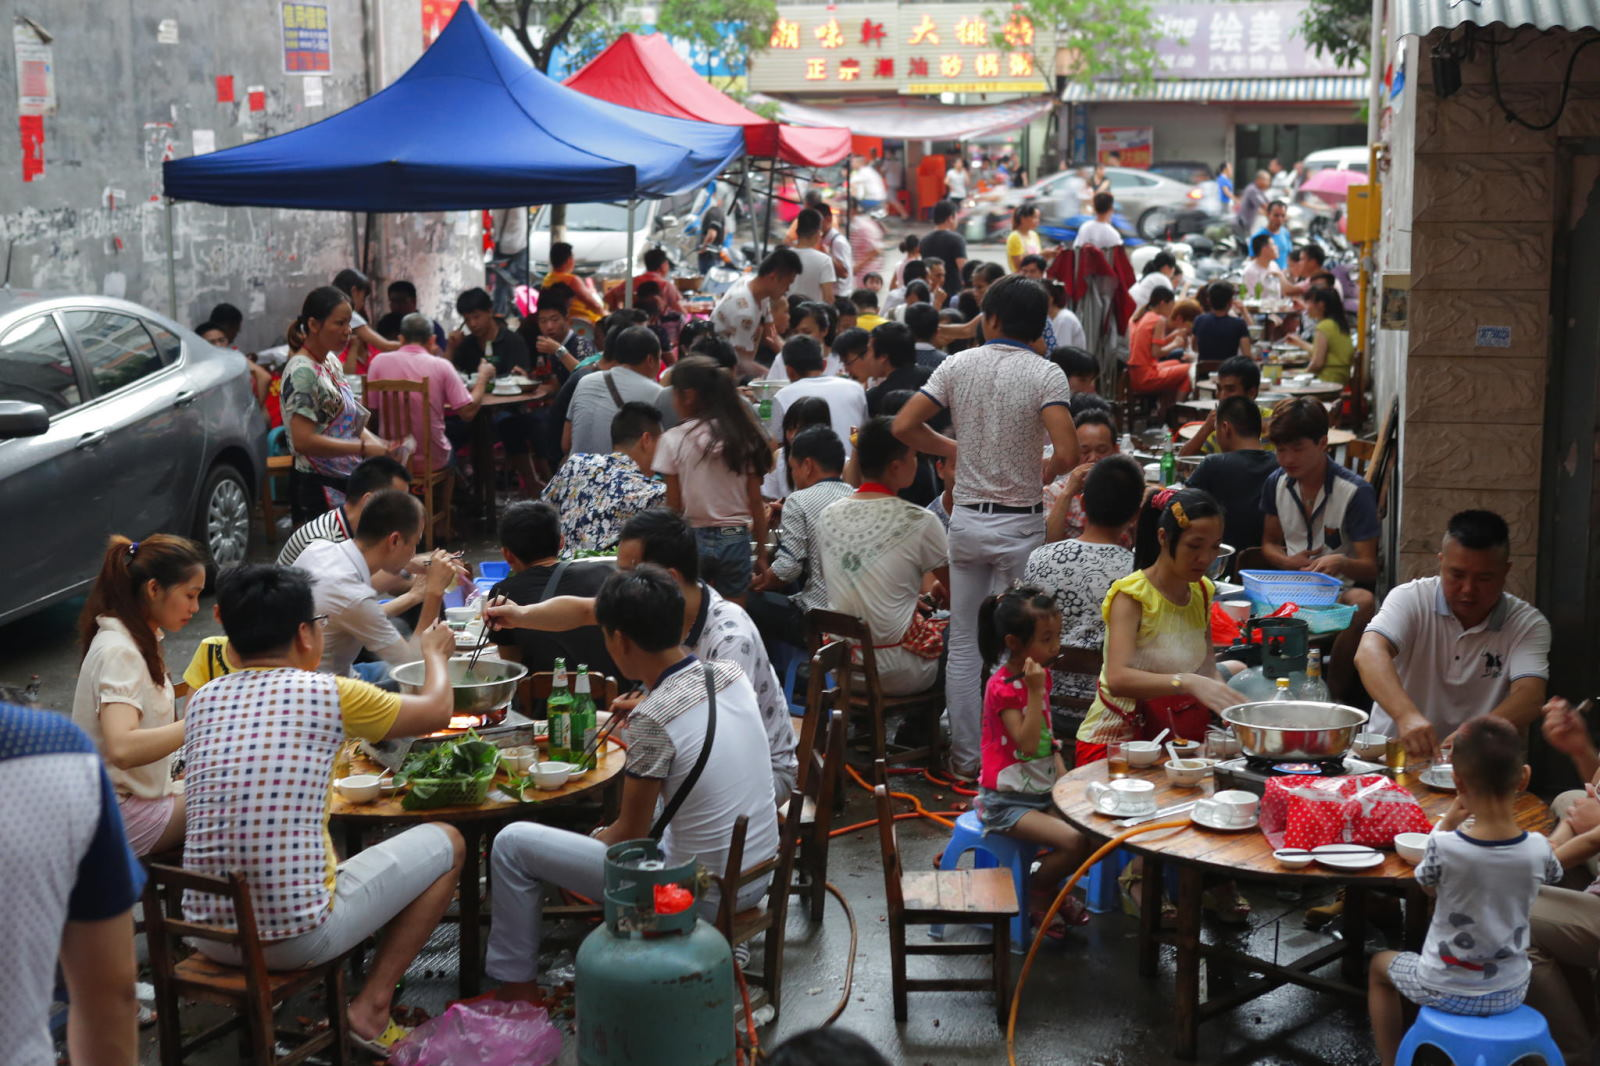 Festival Yulin Dan Lemahnya Perlindungan Terhadap Binatang Tirto Id